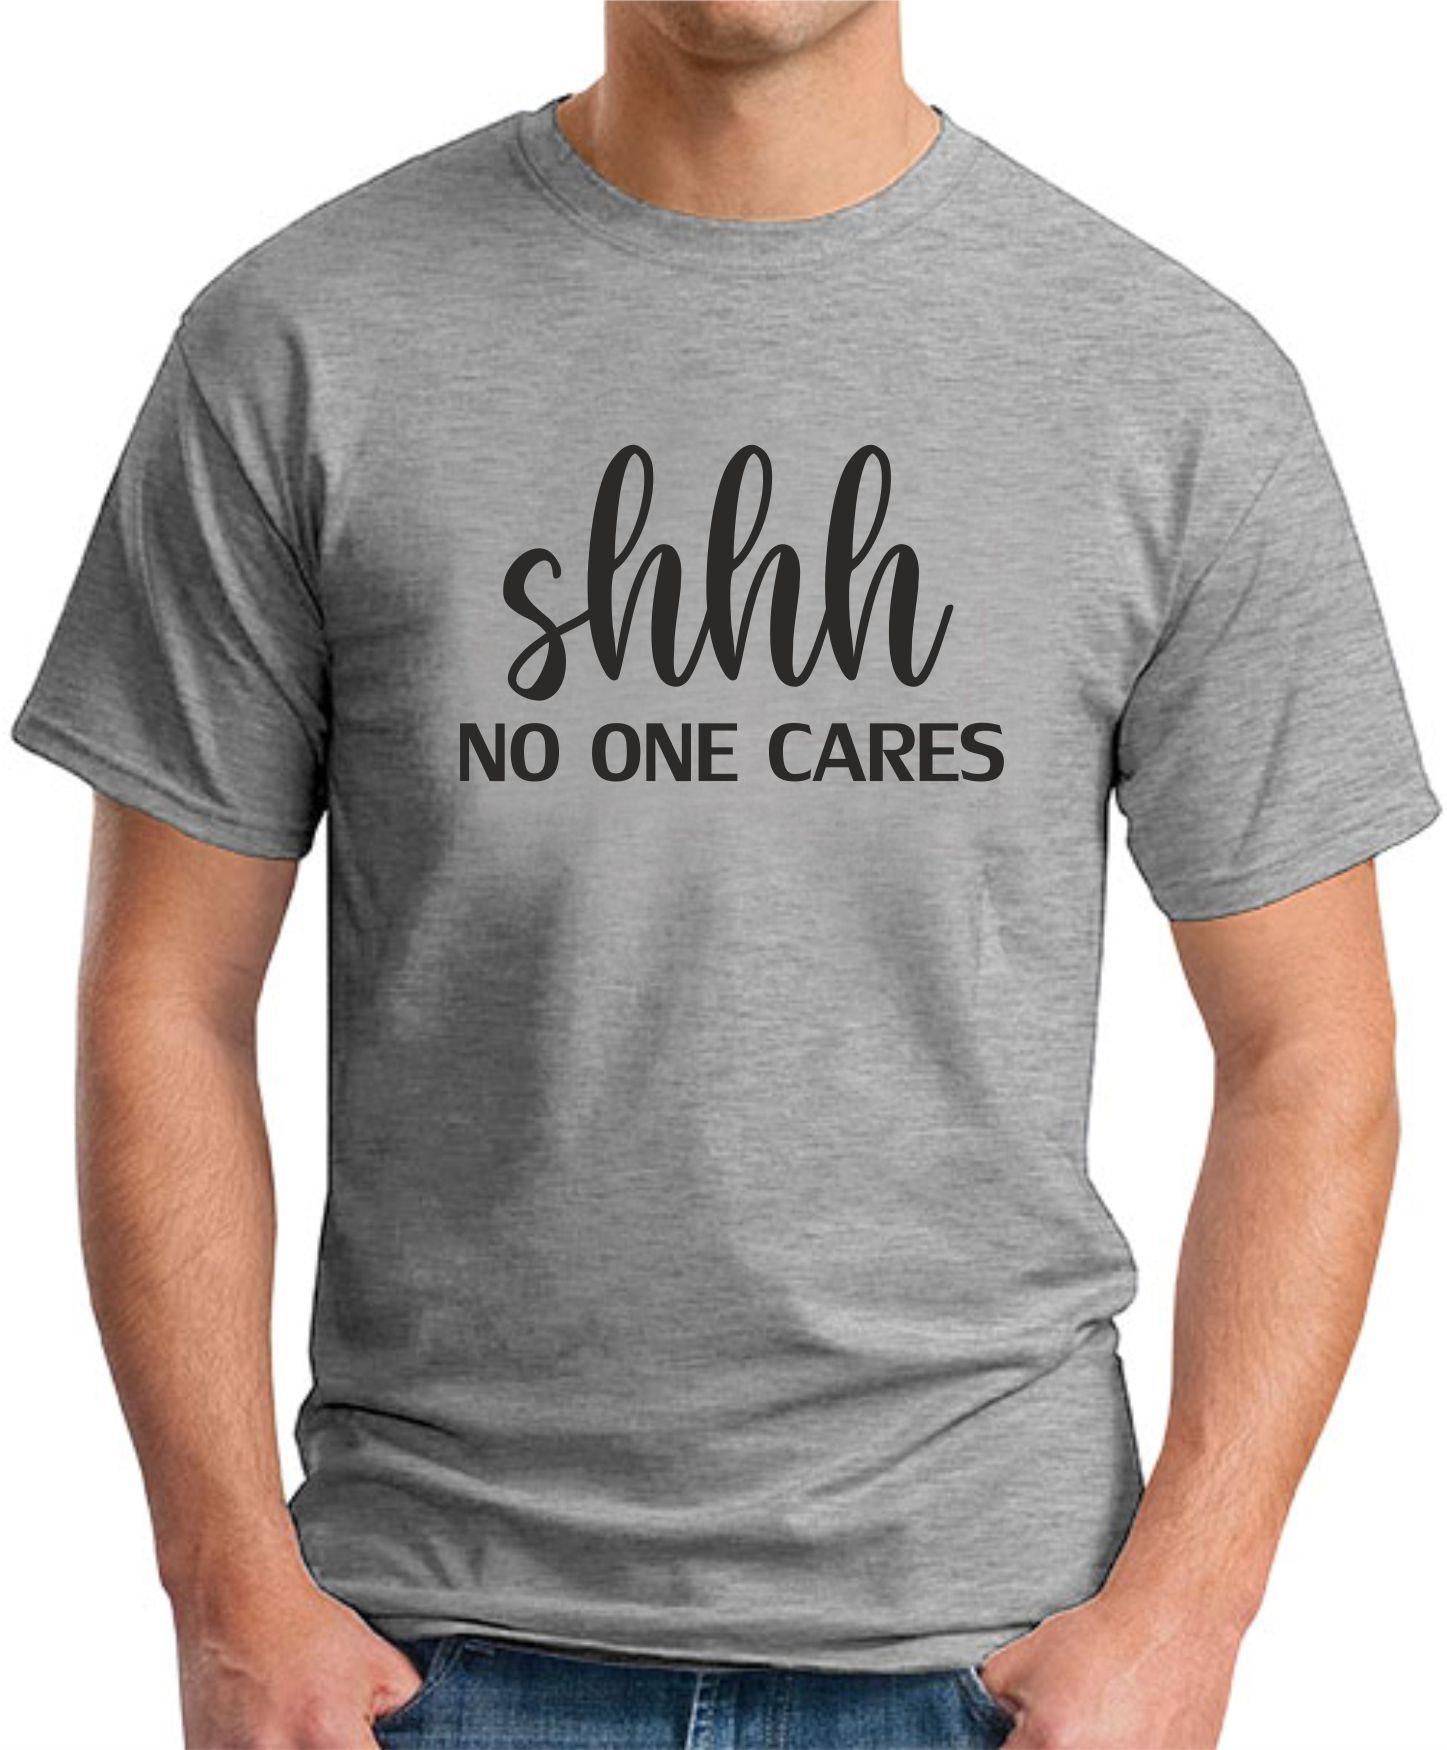 SHHH NO ONE CARES grey